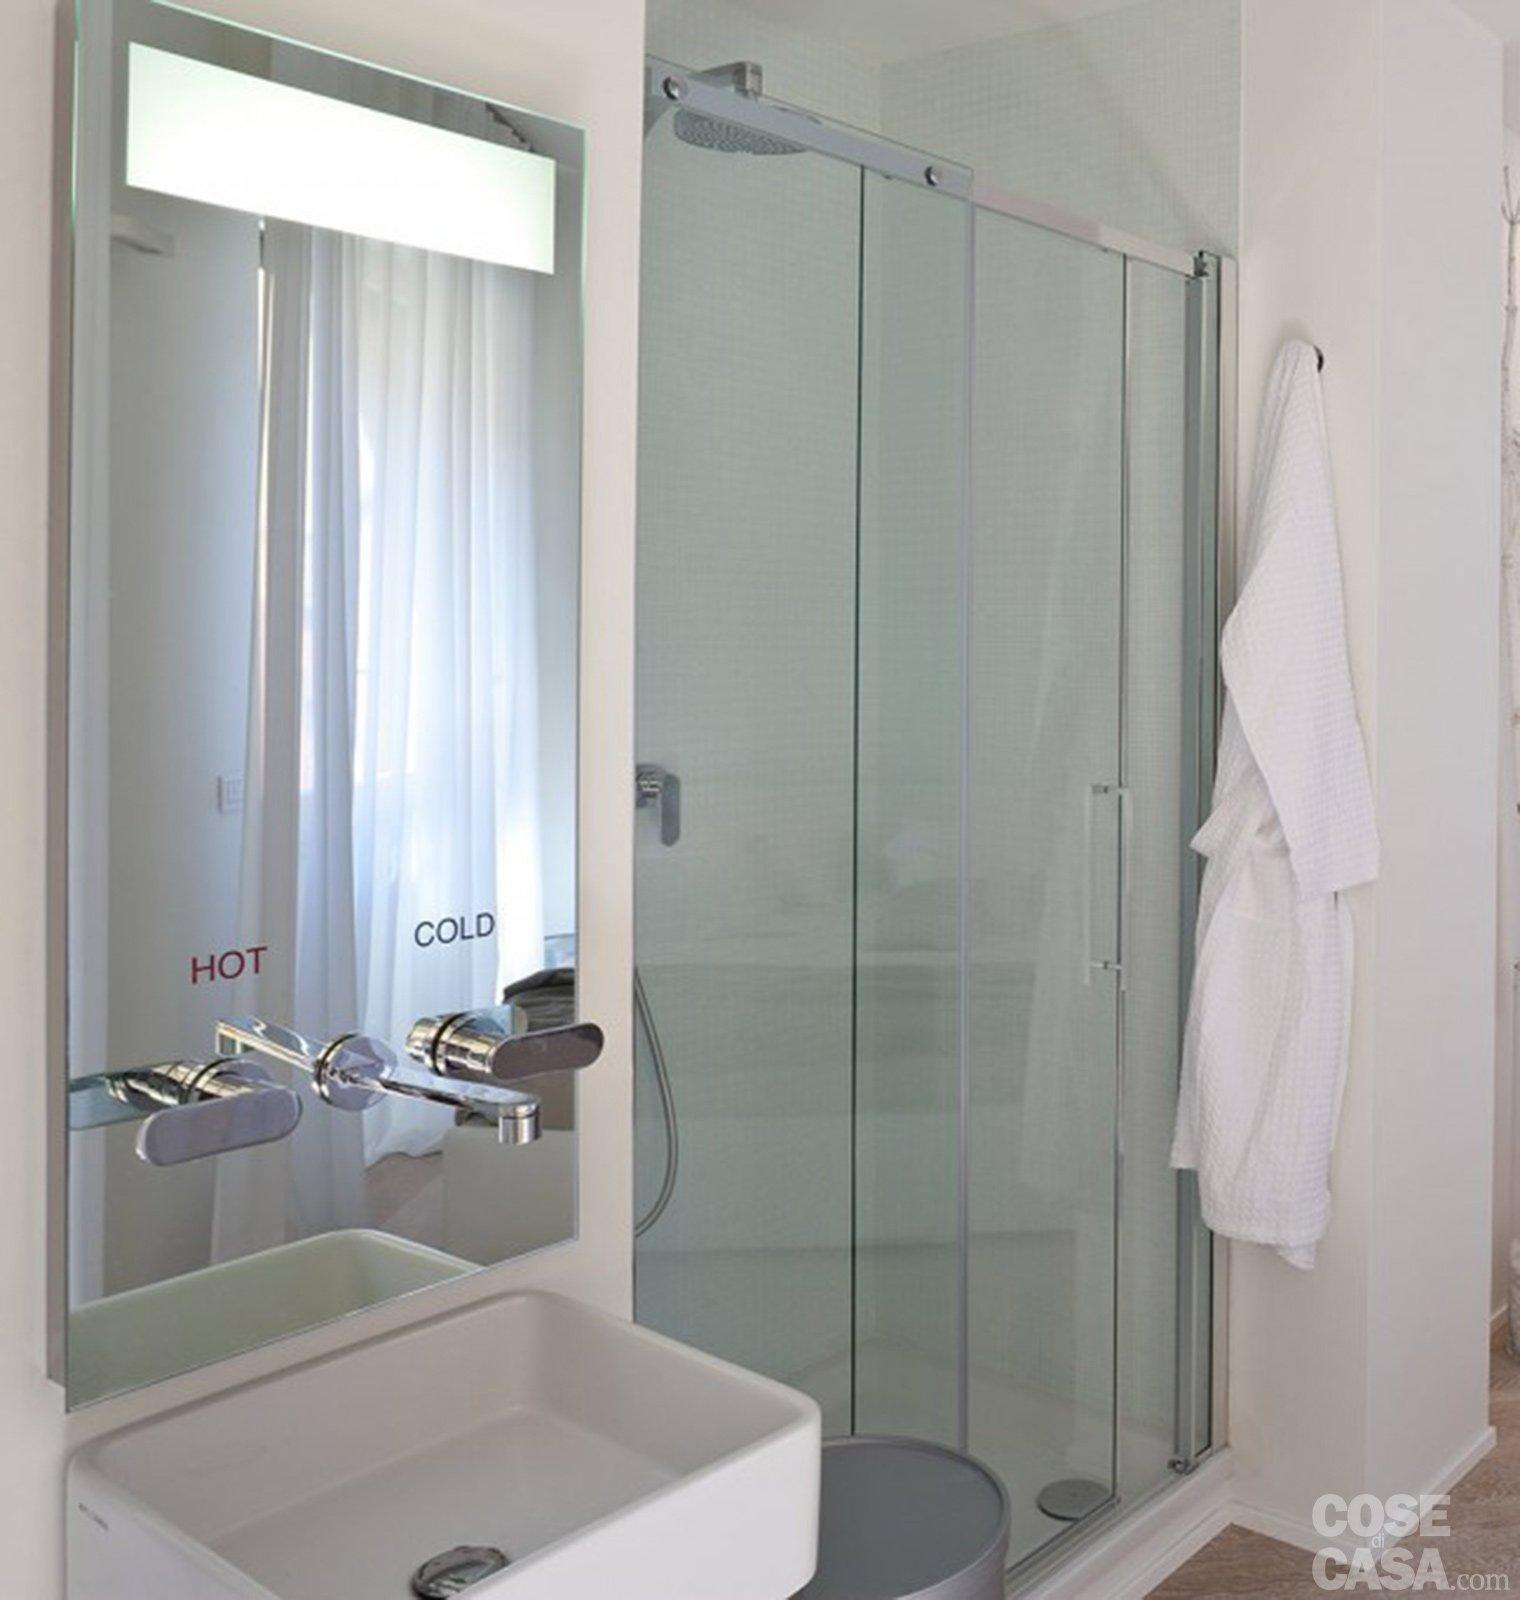 75 mq 10 idee per far sembrare pi grande la casa cose - Dimensioni water piccolo ...